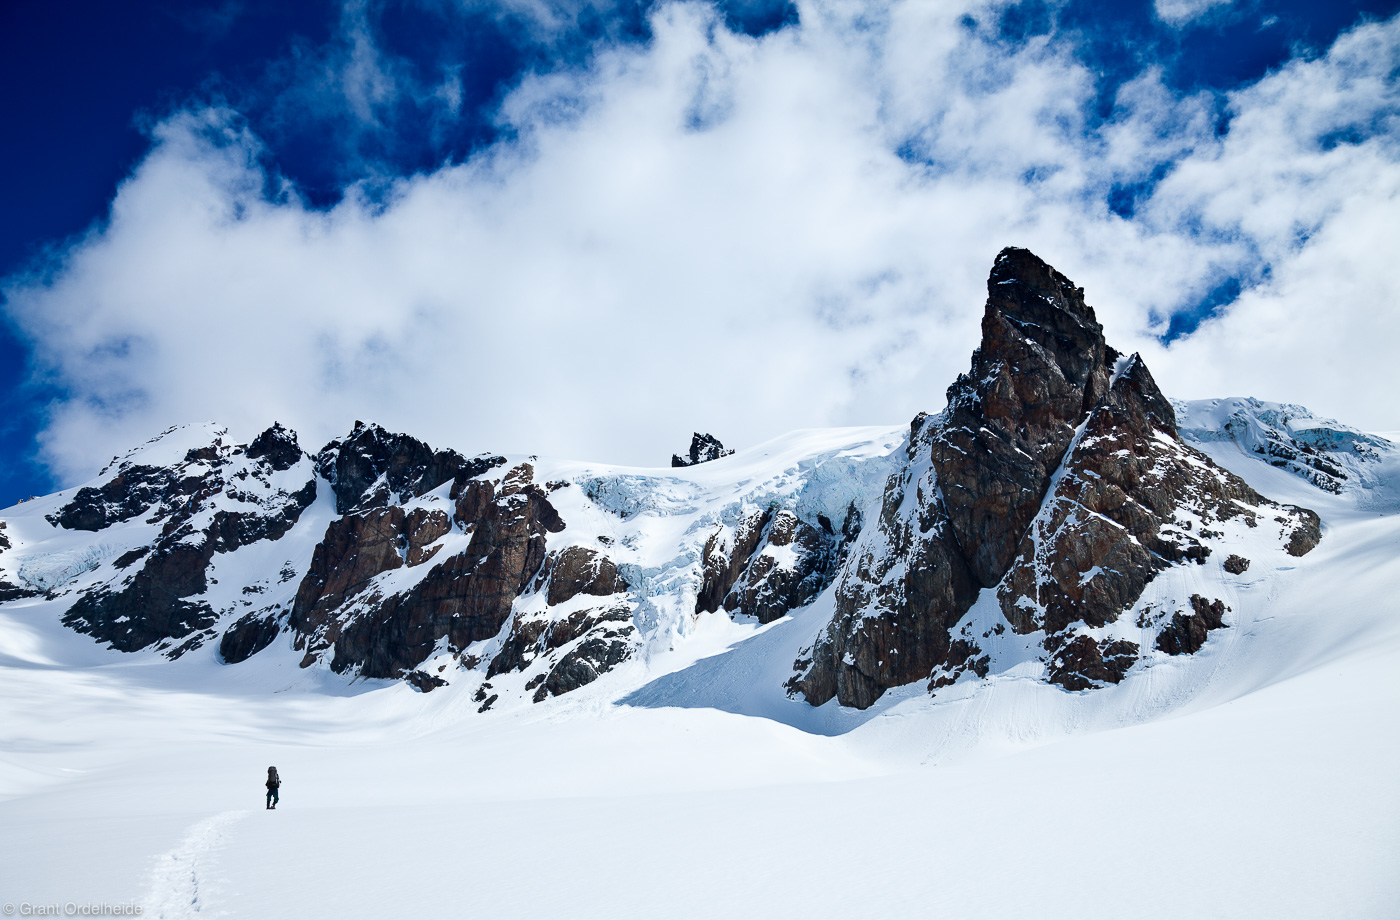 Peñon, glacier, remote, cerro, castillo, national, reserve, climber, photo